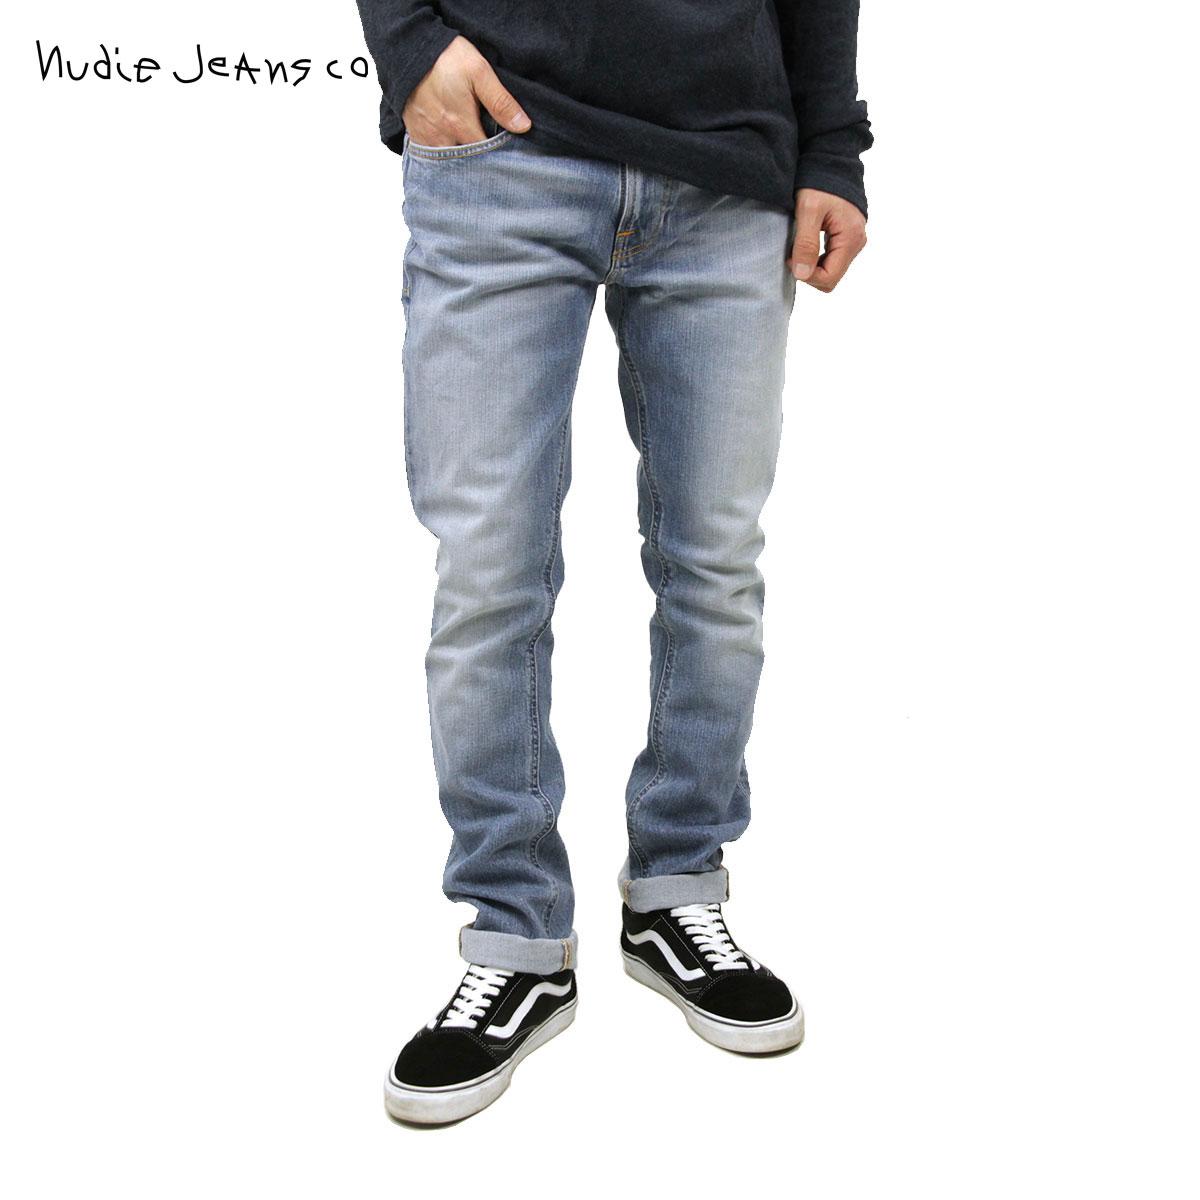 【販売期間 11/12 10:00~11/21 09:59】 ヌーディージーンズ Nudie Jeans 正規販売店 メンズ ジーンズ Tape Ted 420 1117340 1185 Indigo Blench D15S25